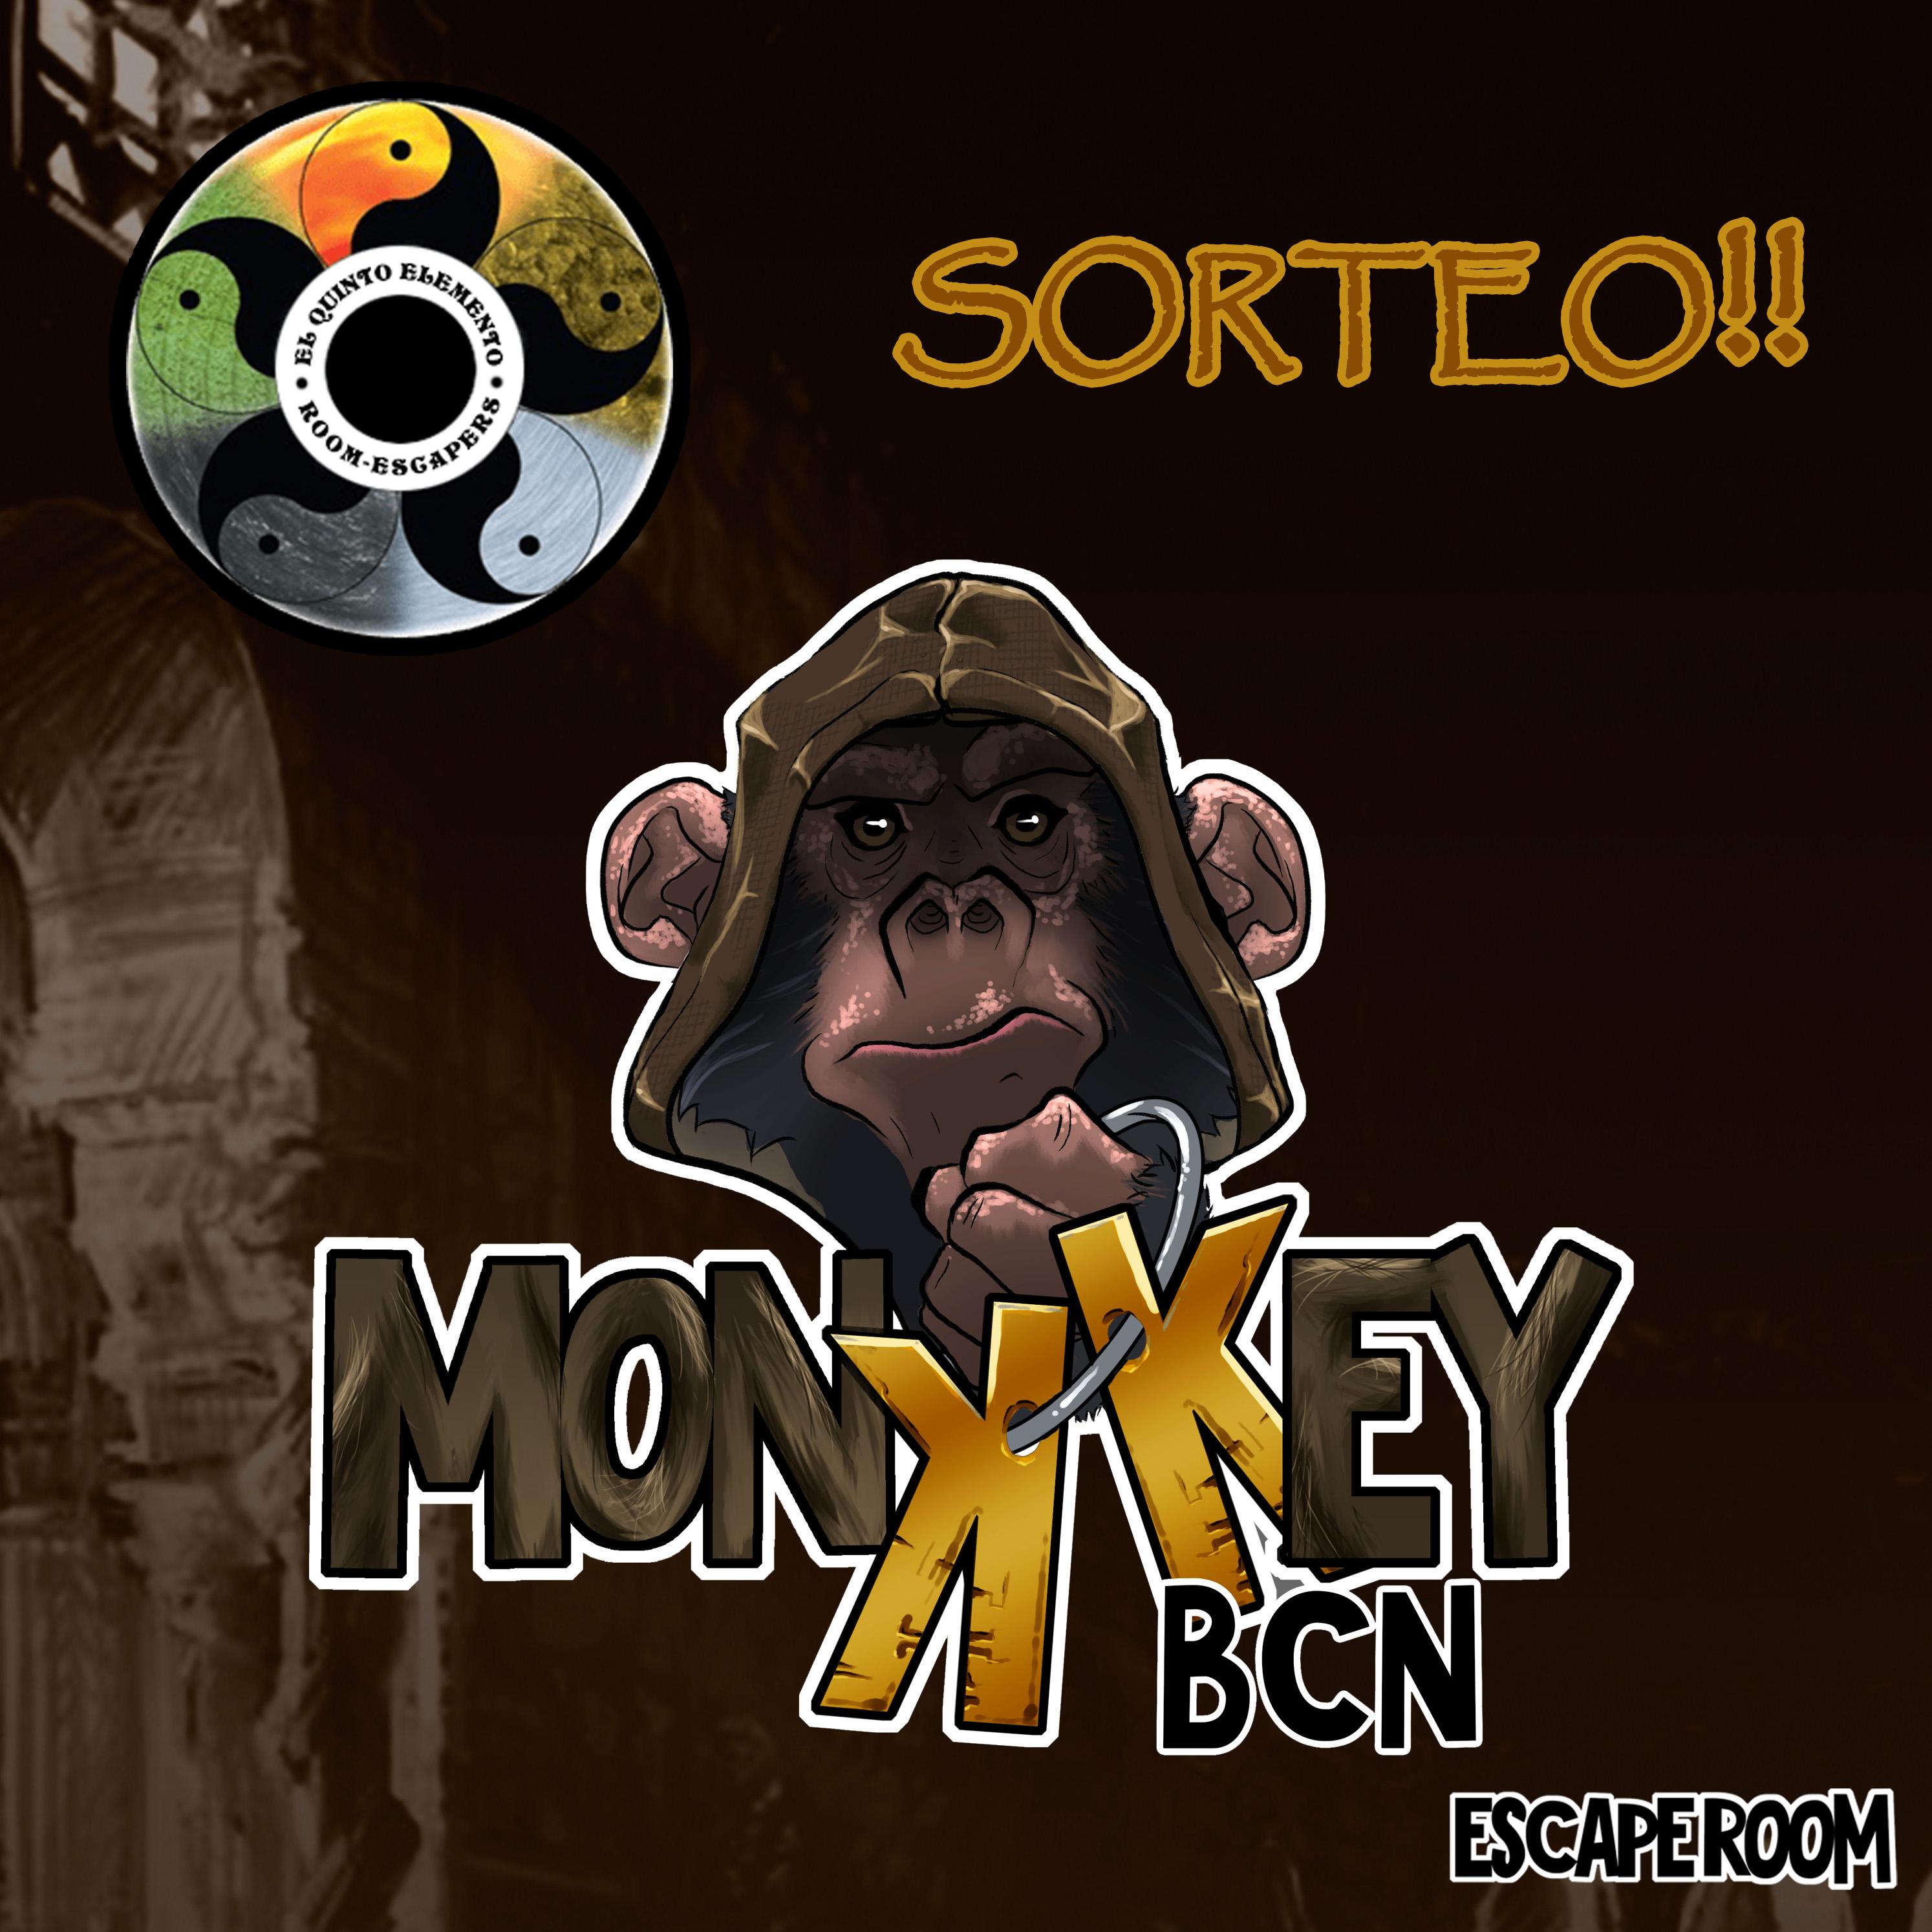 Sorteo Monkkey